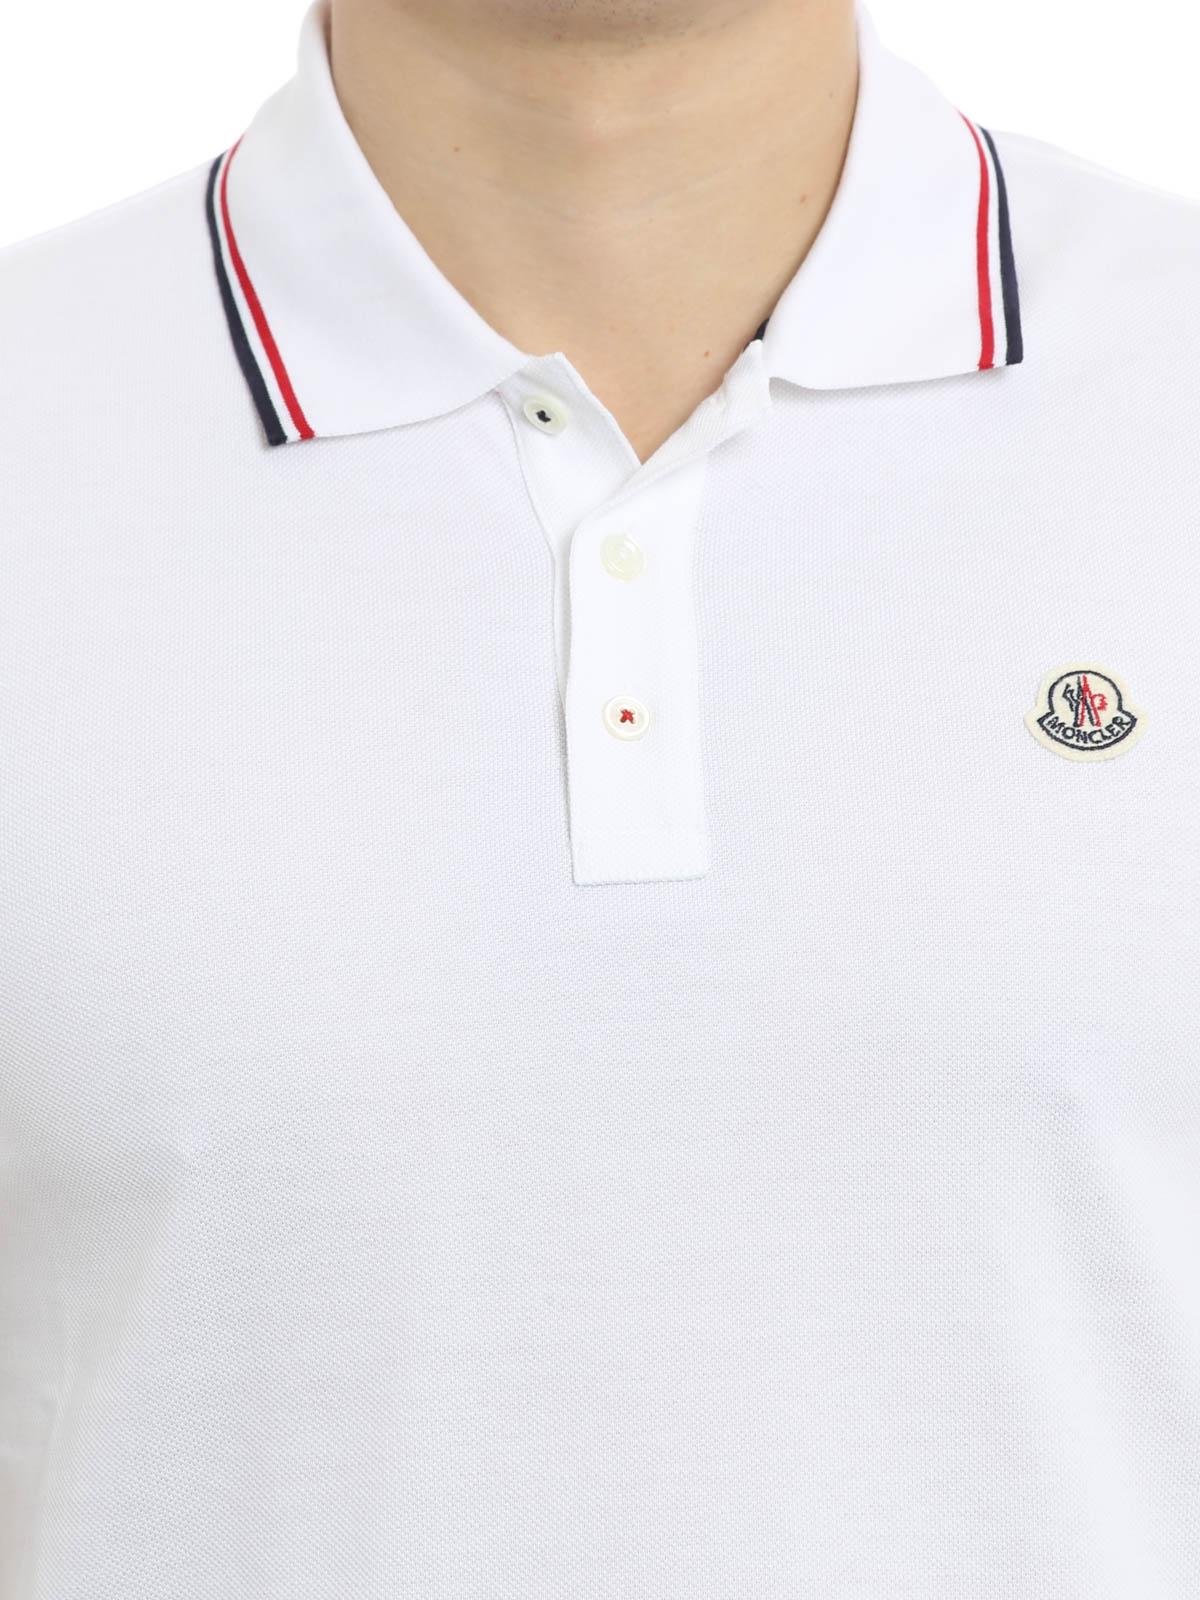 Moncler - Polo Blanc Pour Homme - Polos - C1 091 8345600 84556 001 c85b1a0d4cb